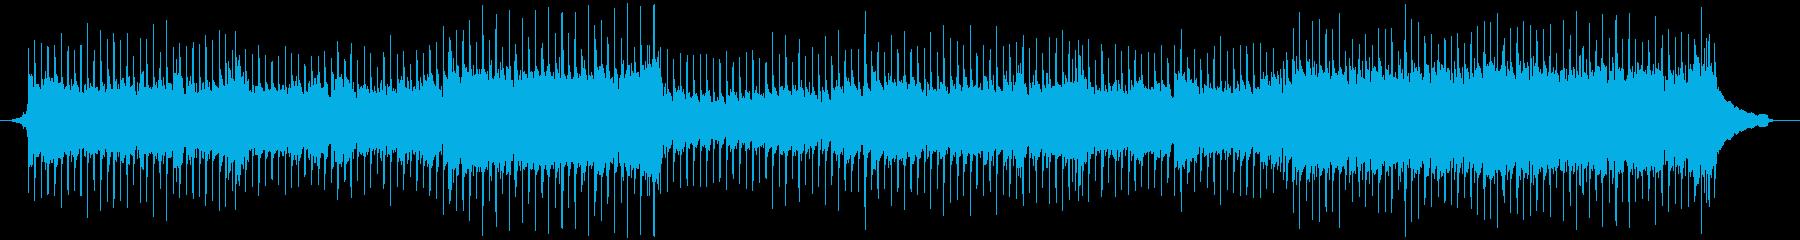 VP系17、軽快で爽やかなロック Aの再生済みの波形